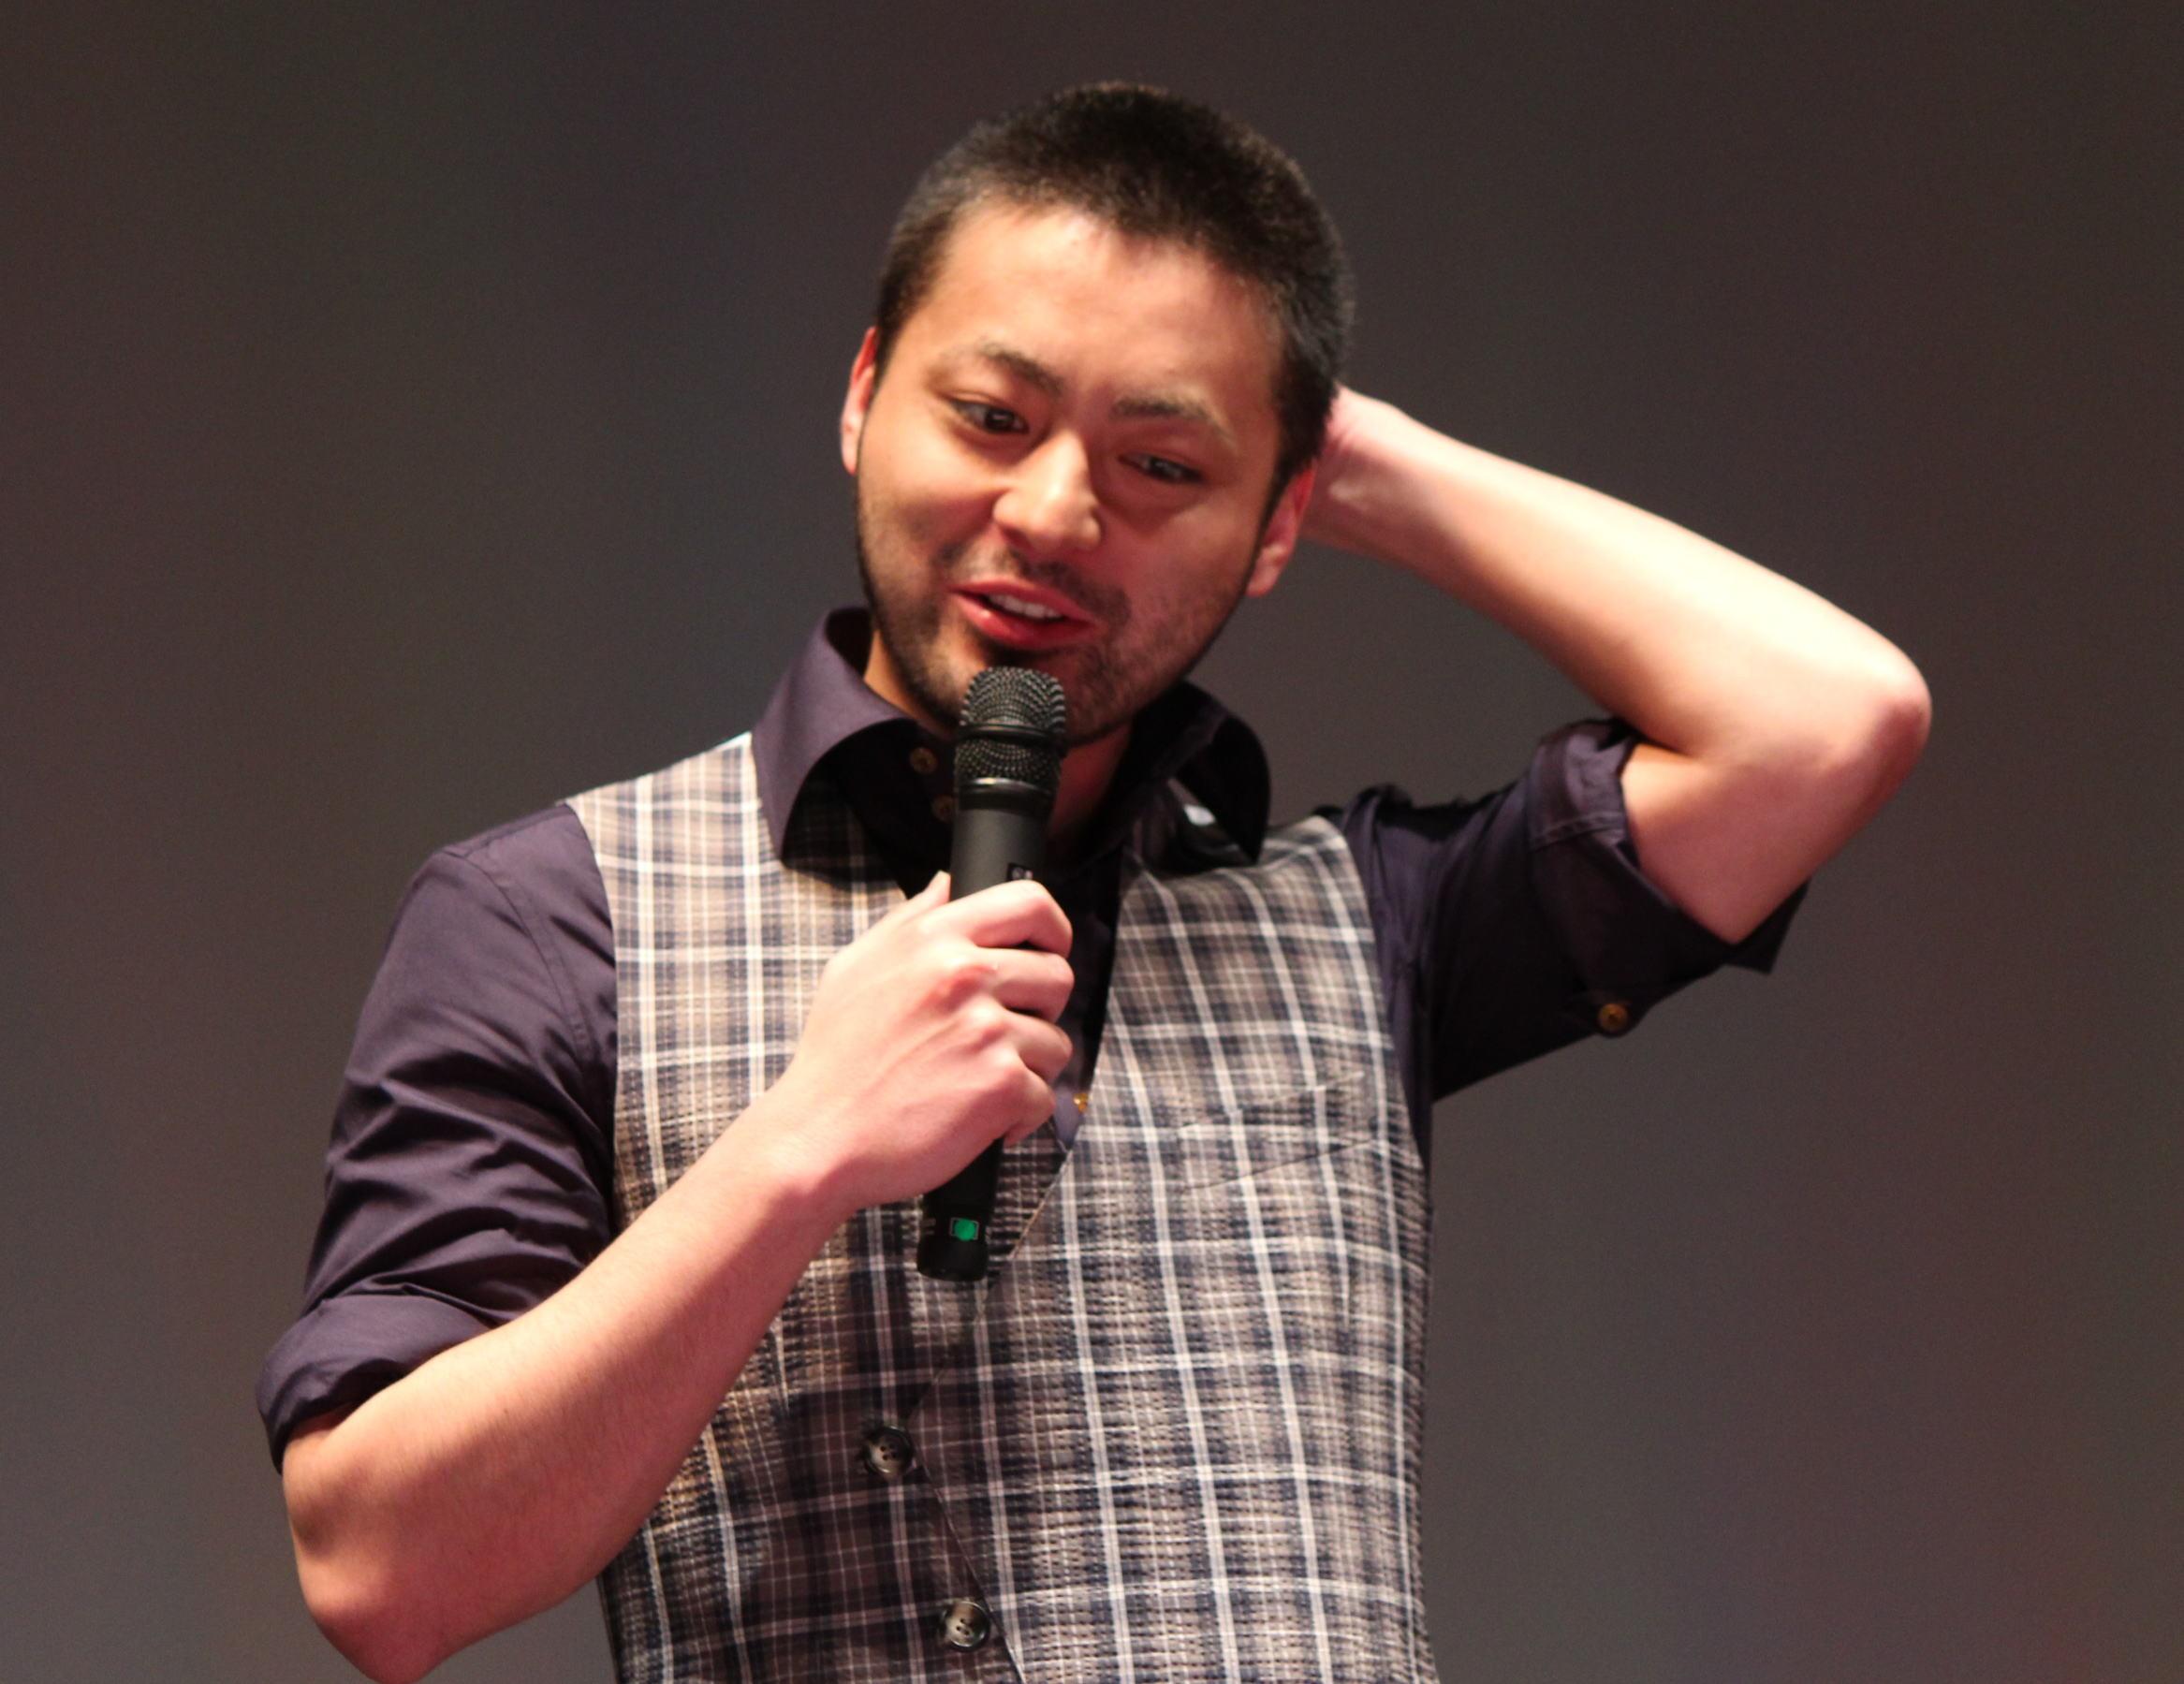 山田孝之、学生監督たちのプロ意識に感服「らくごえいが」初日挨拶